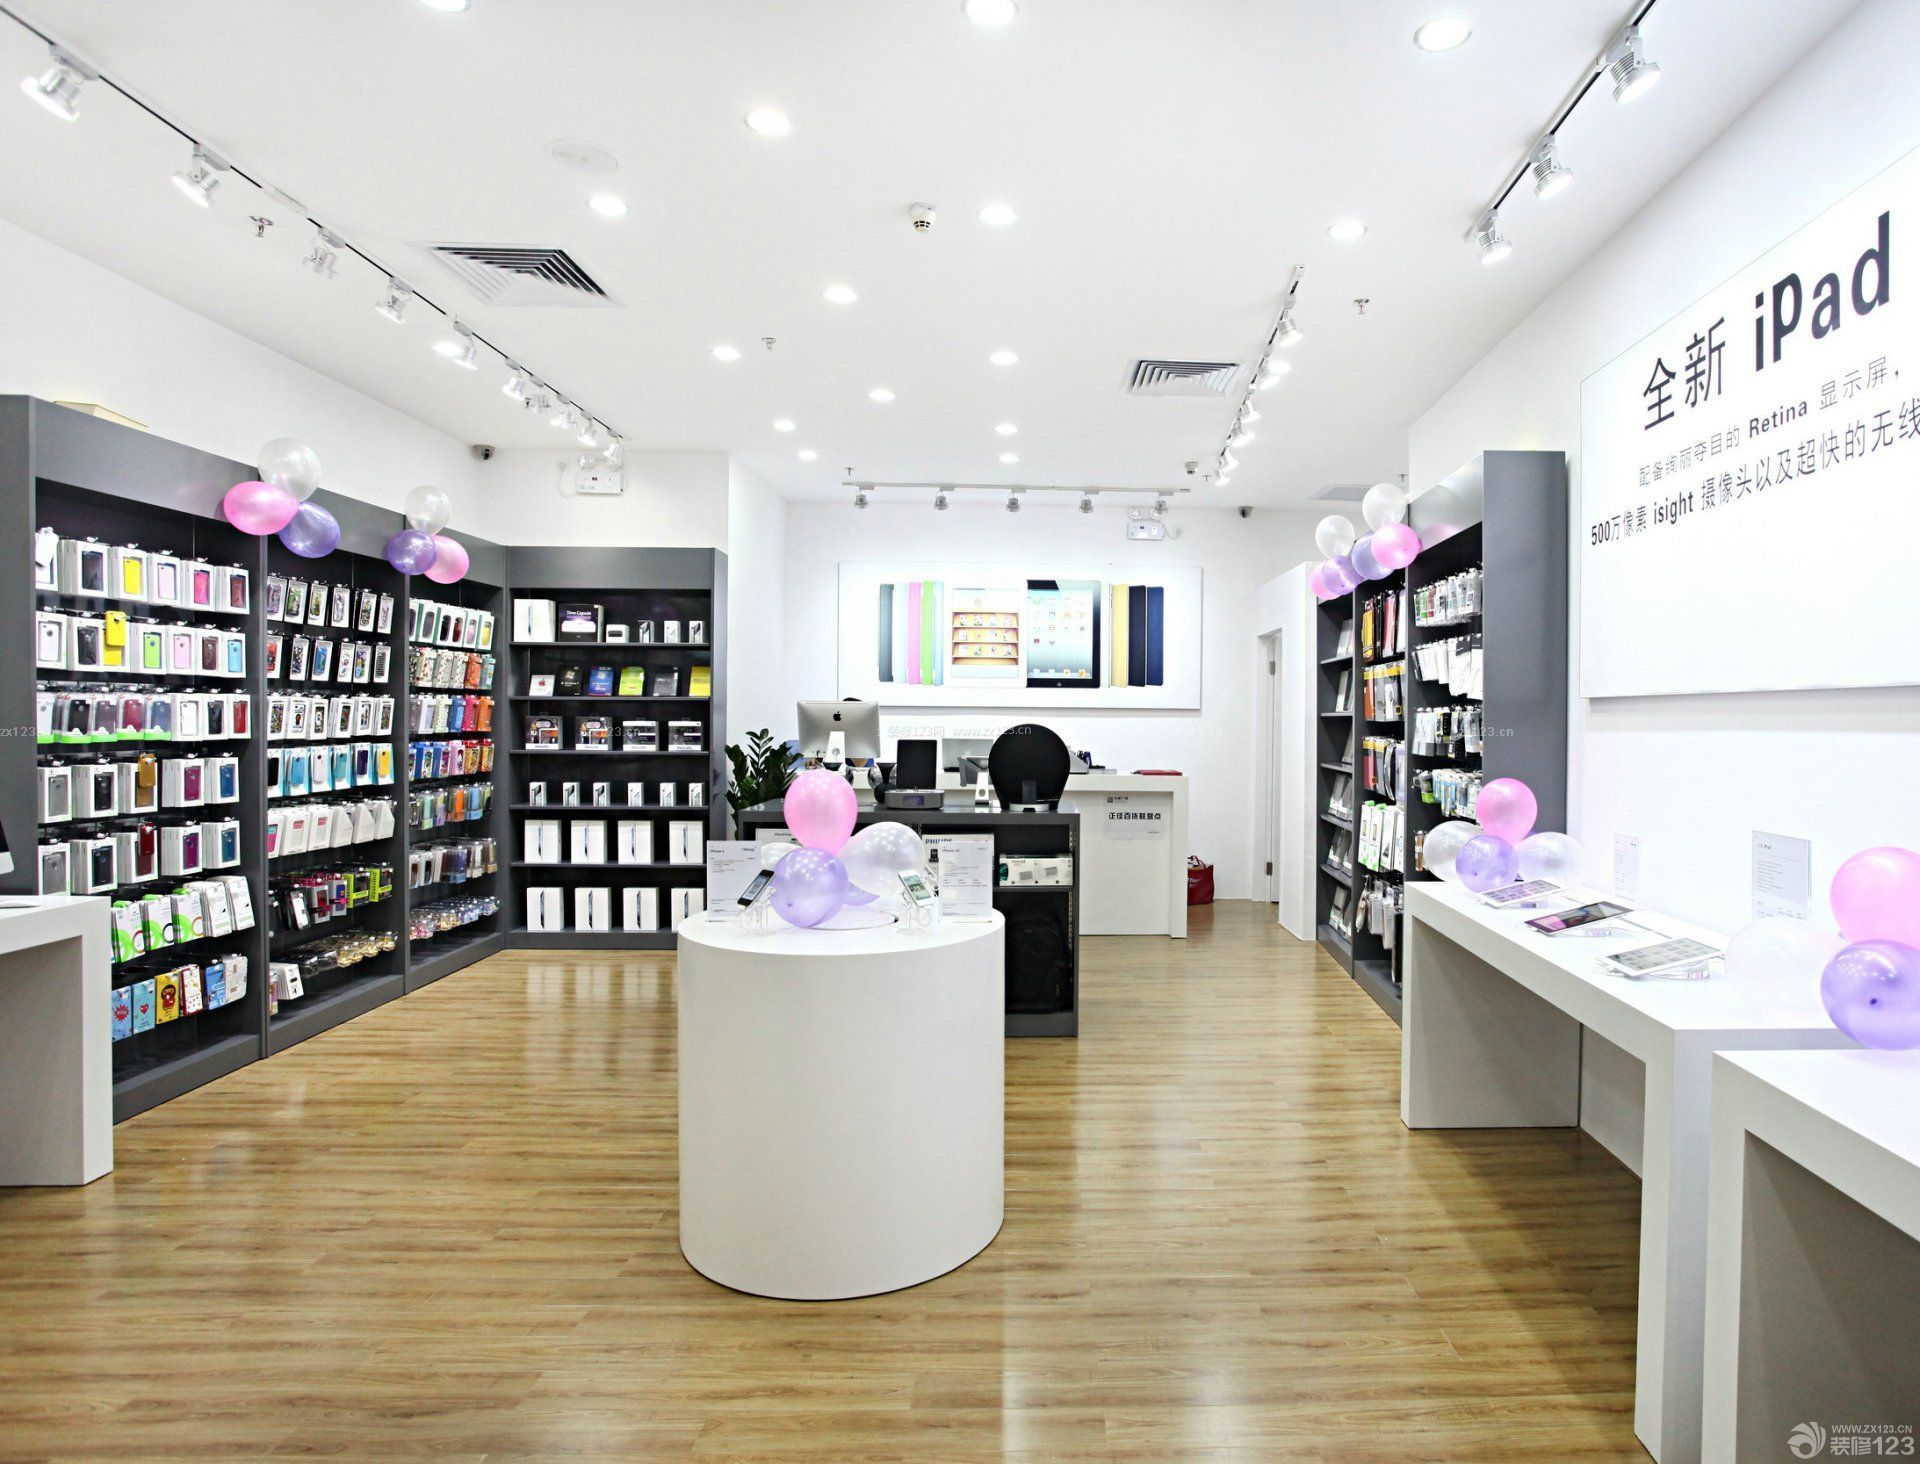 合肥手机店装修oppo华为手机店装修 欢迎您的光临!